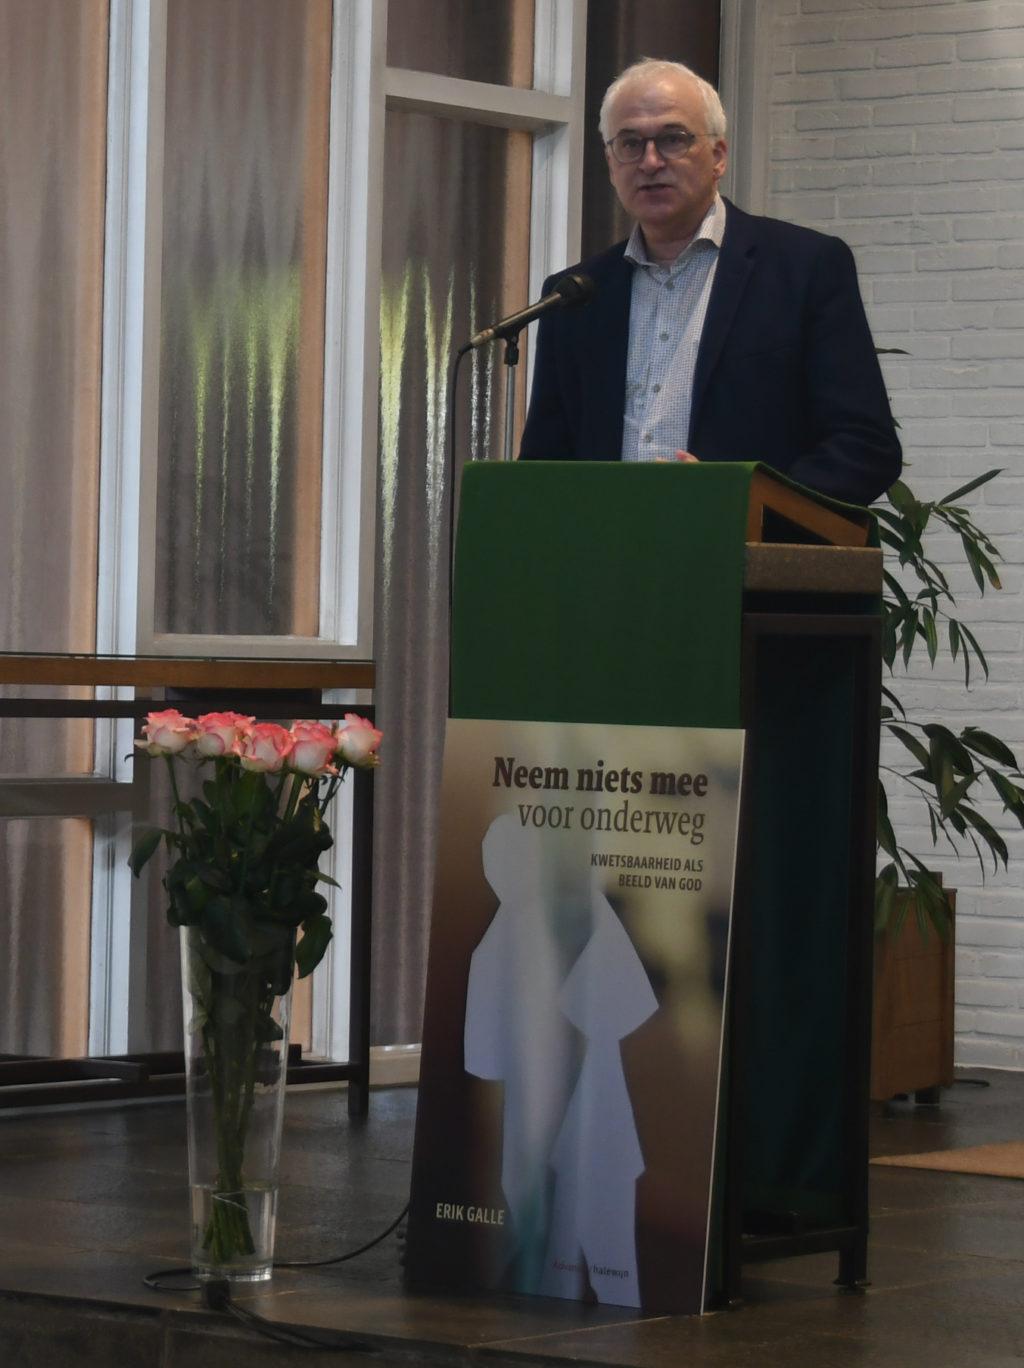 Erik Galle